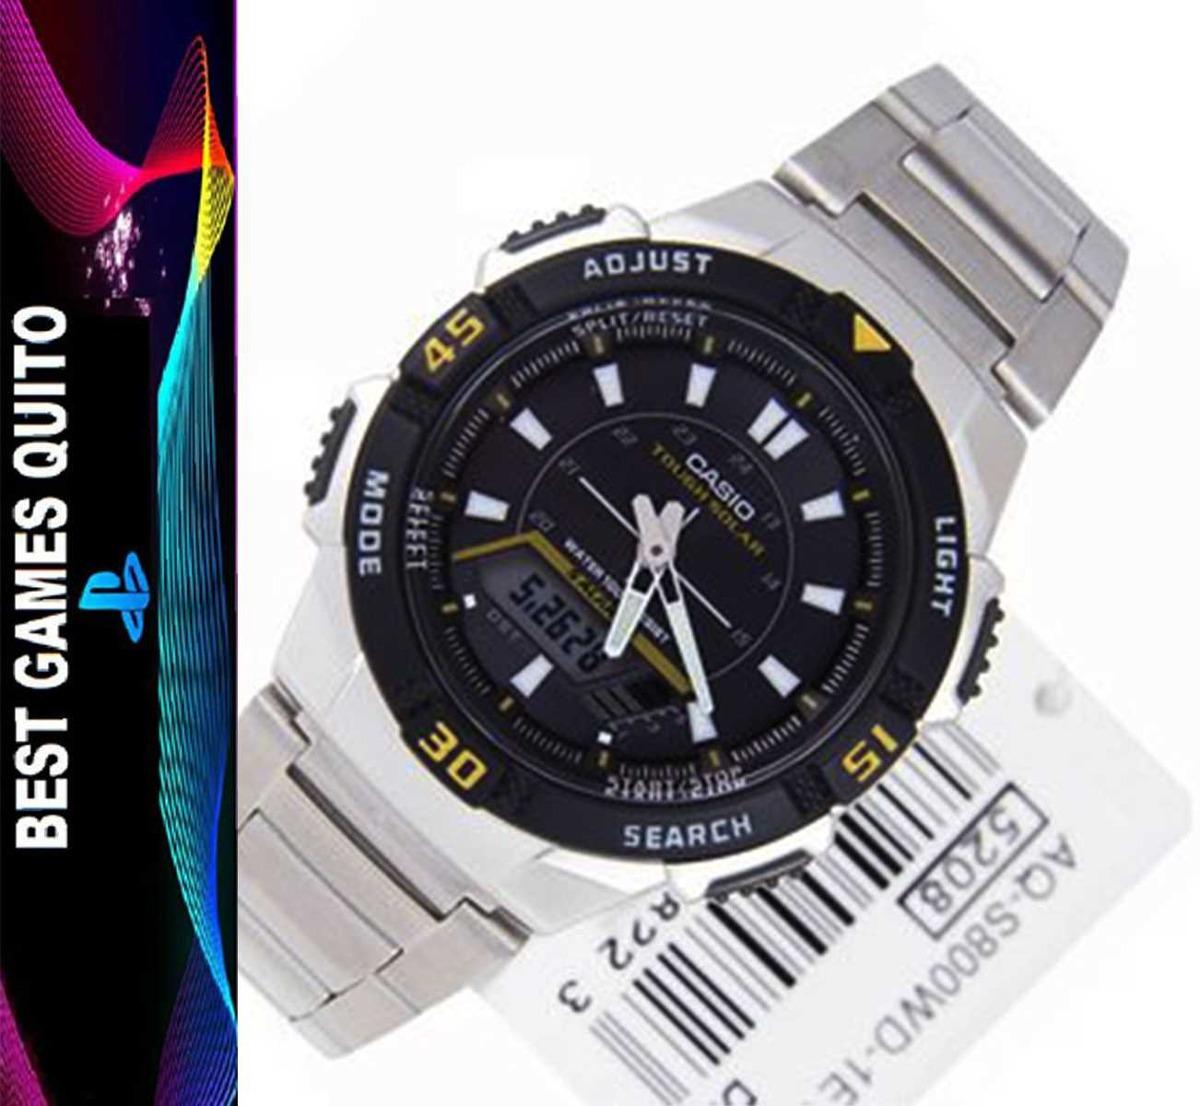 ae7b4a05e515 reloj casio tough solar aq-s800wd para hombre. Cargando zoom.